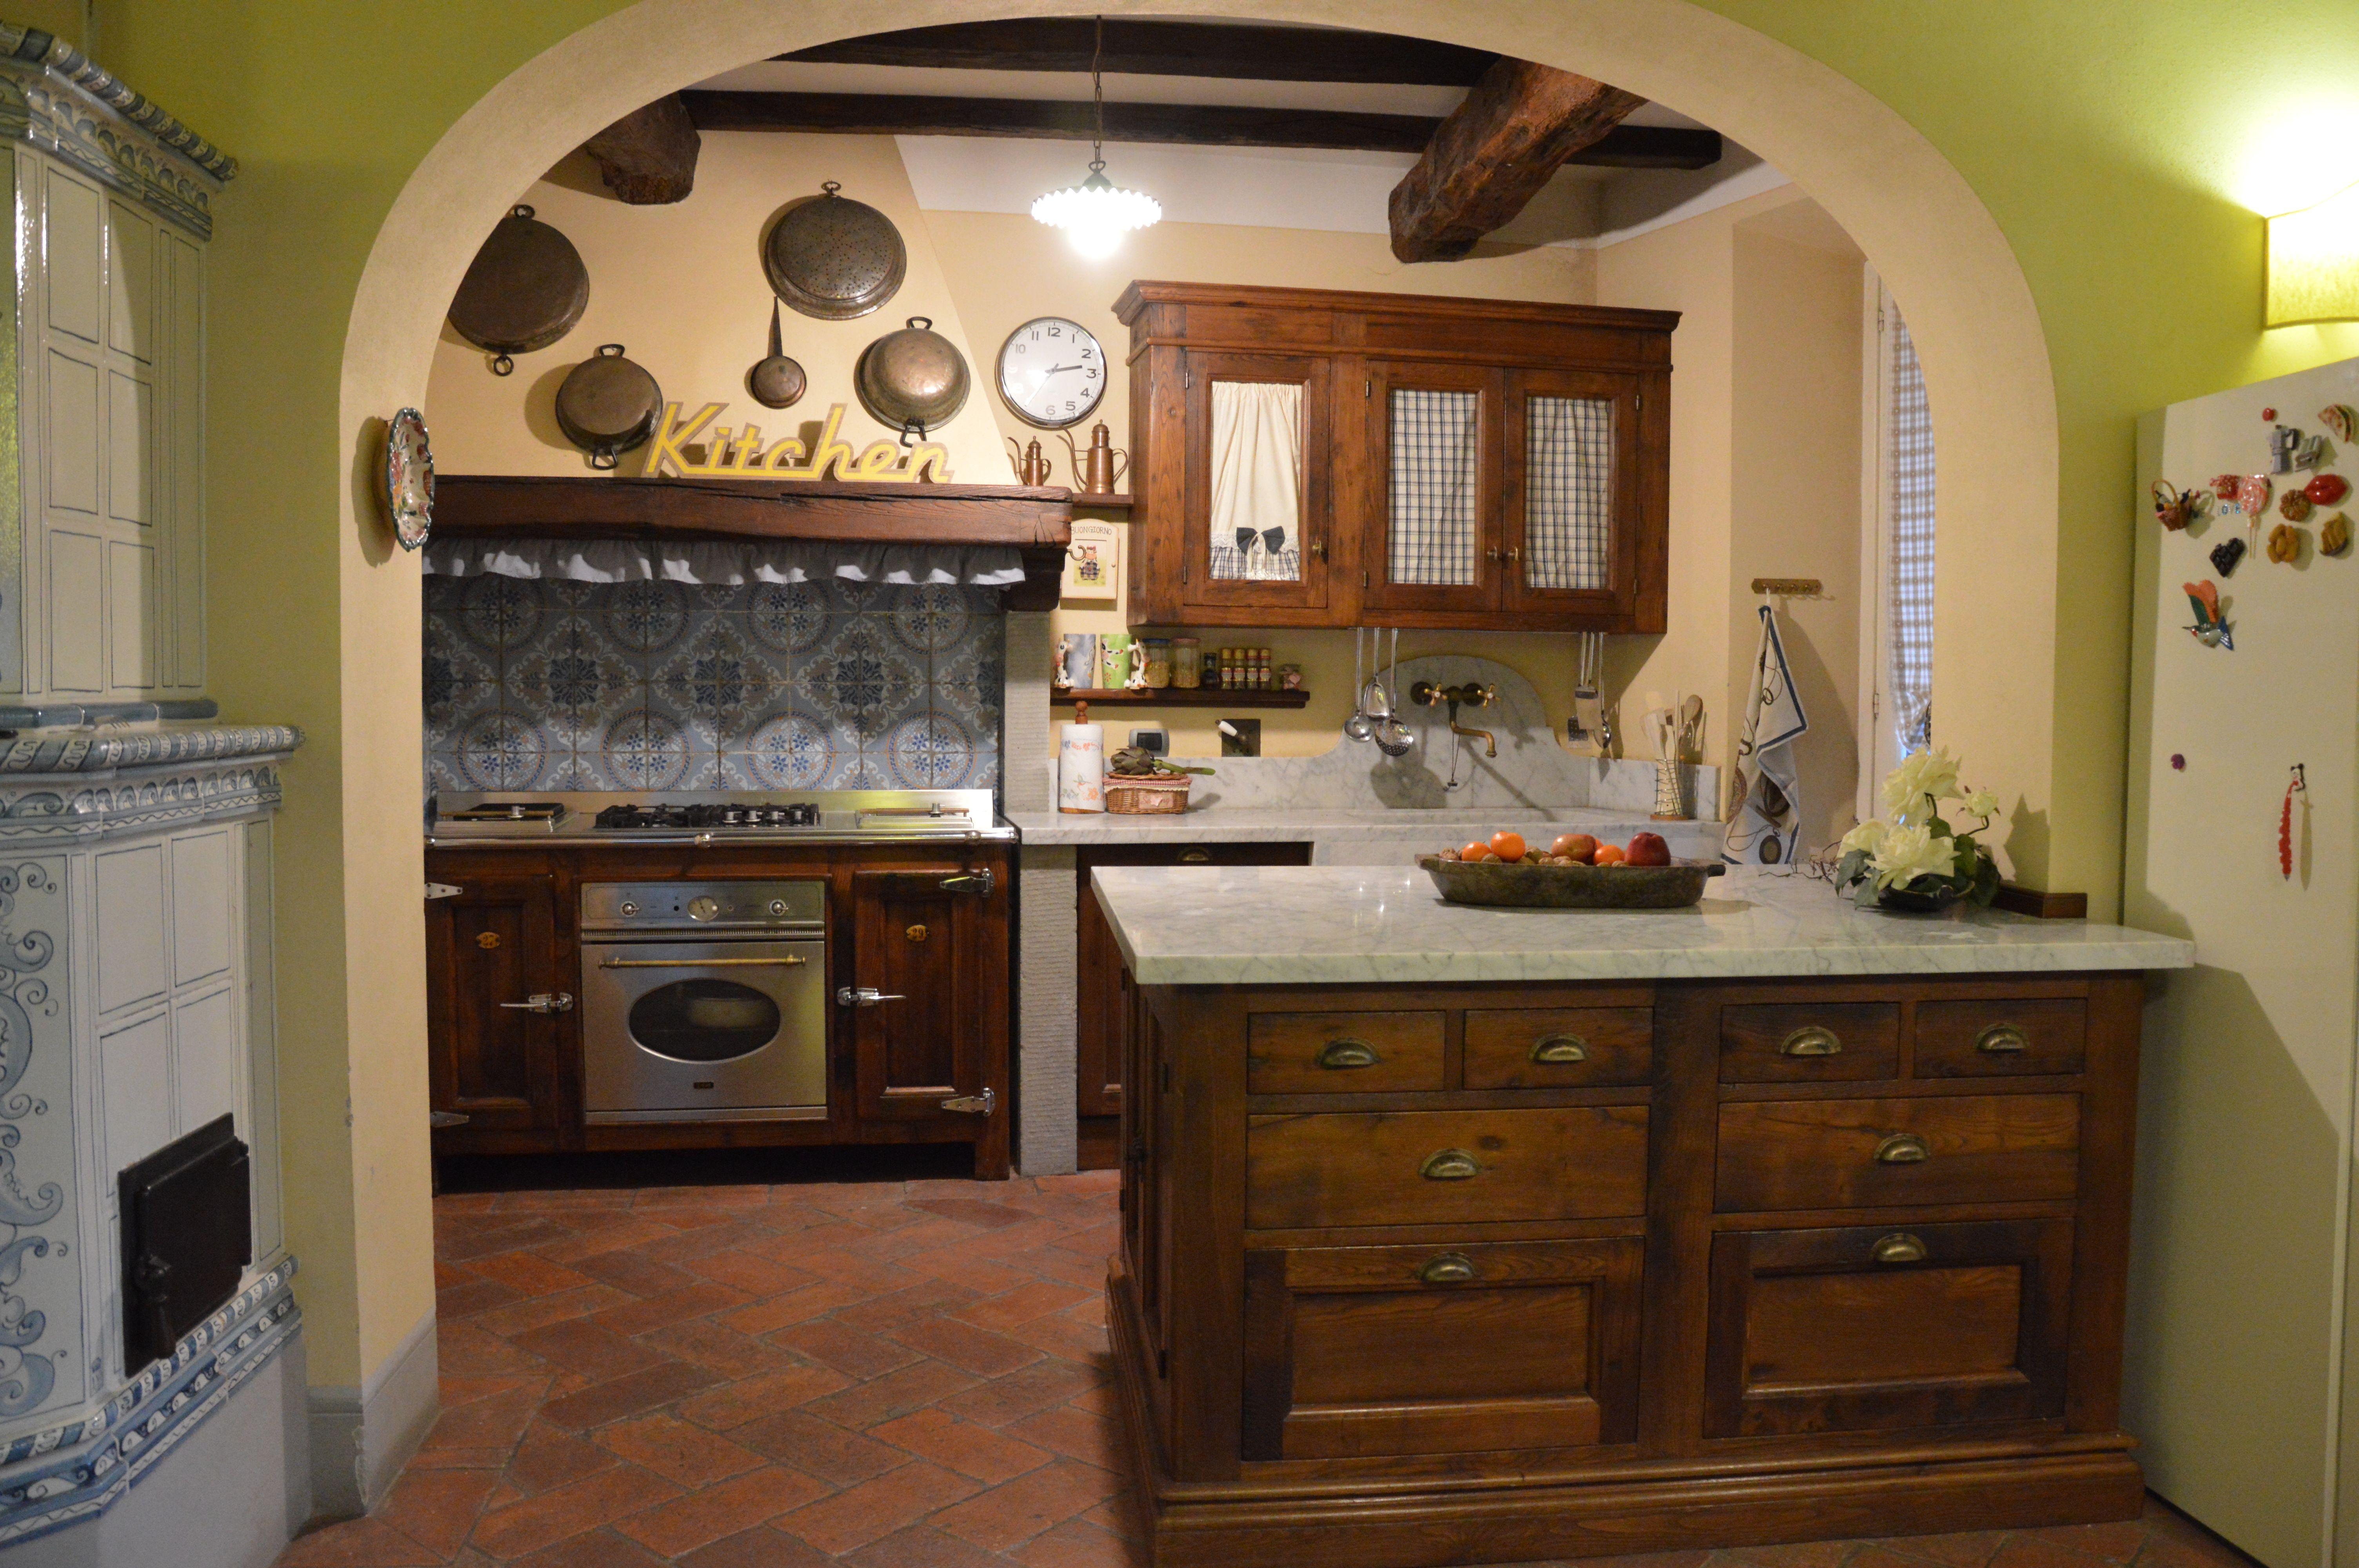 Cucina Su Misura Falegname pin di valentina su house nel 2020 | arredamento in legno